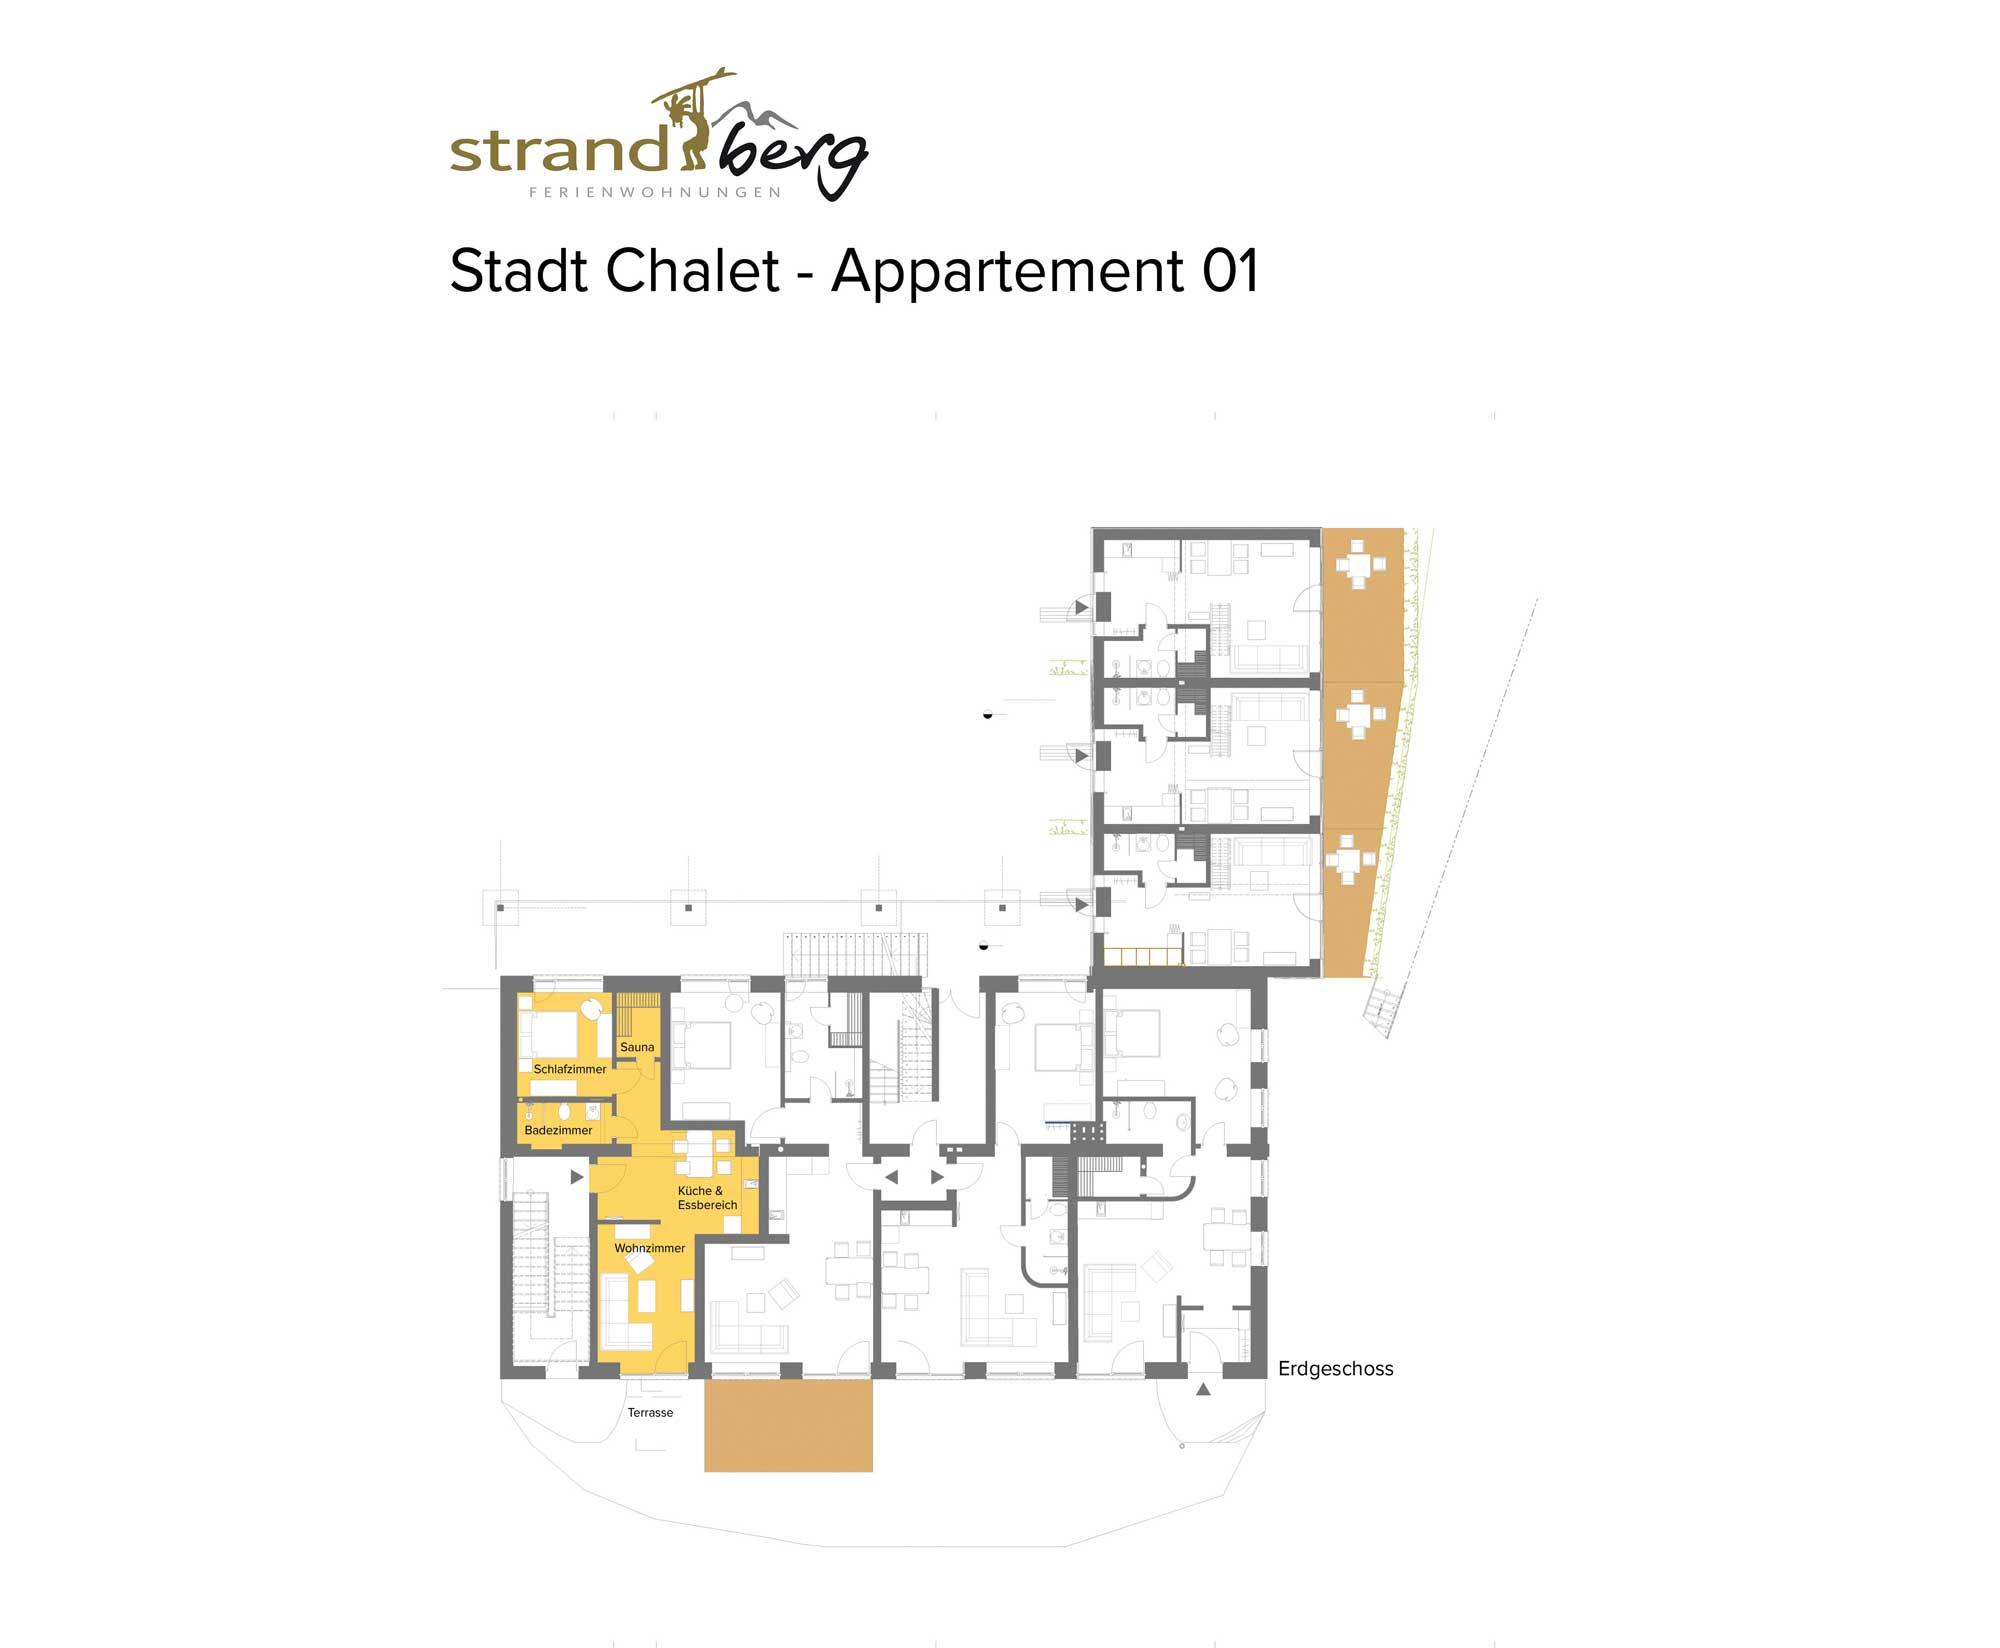 Stadt Chalet Appartement 1 - Grundriss